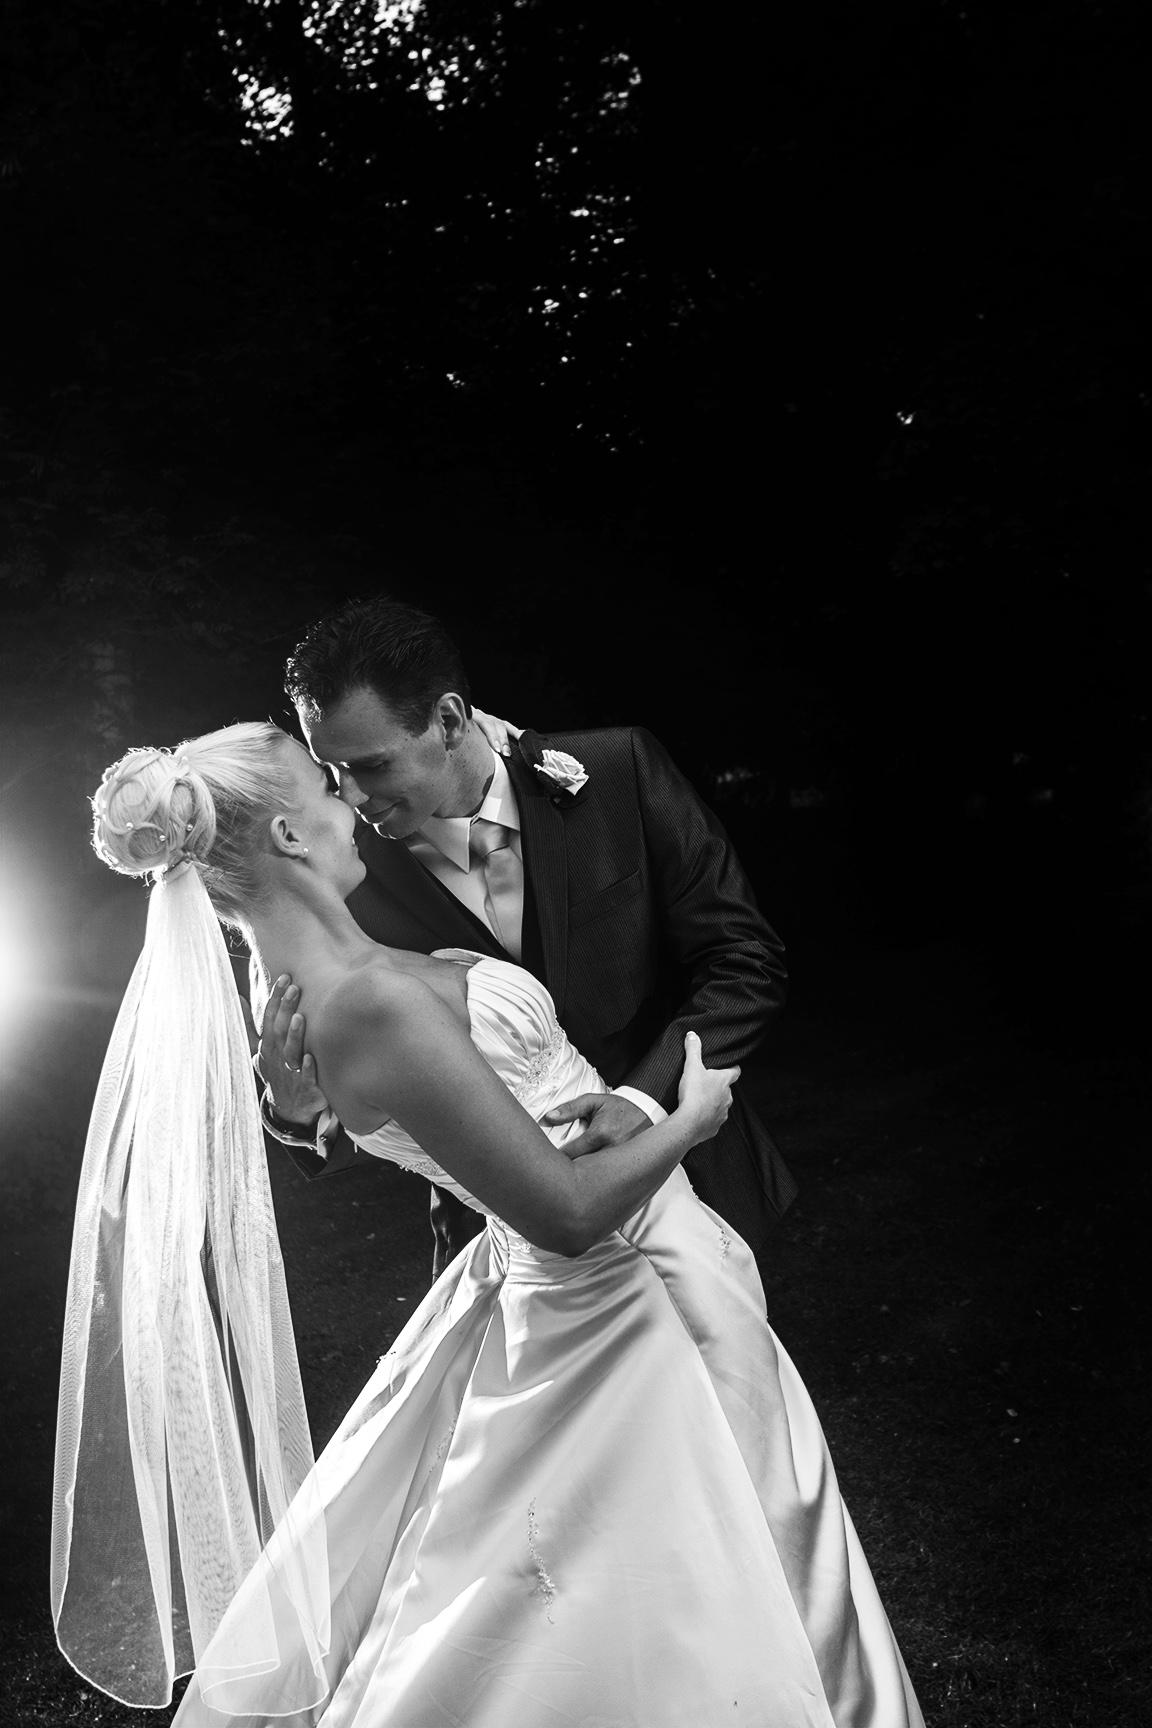 kærlighed-forelsket-par-brudekjole-brud-gom